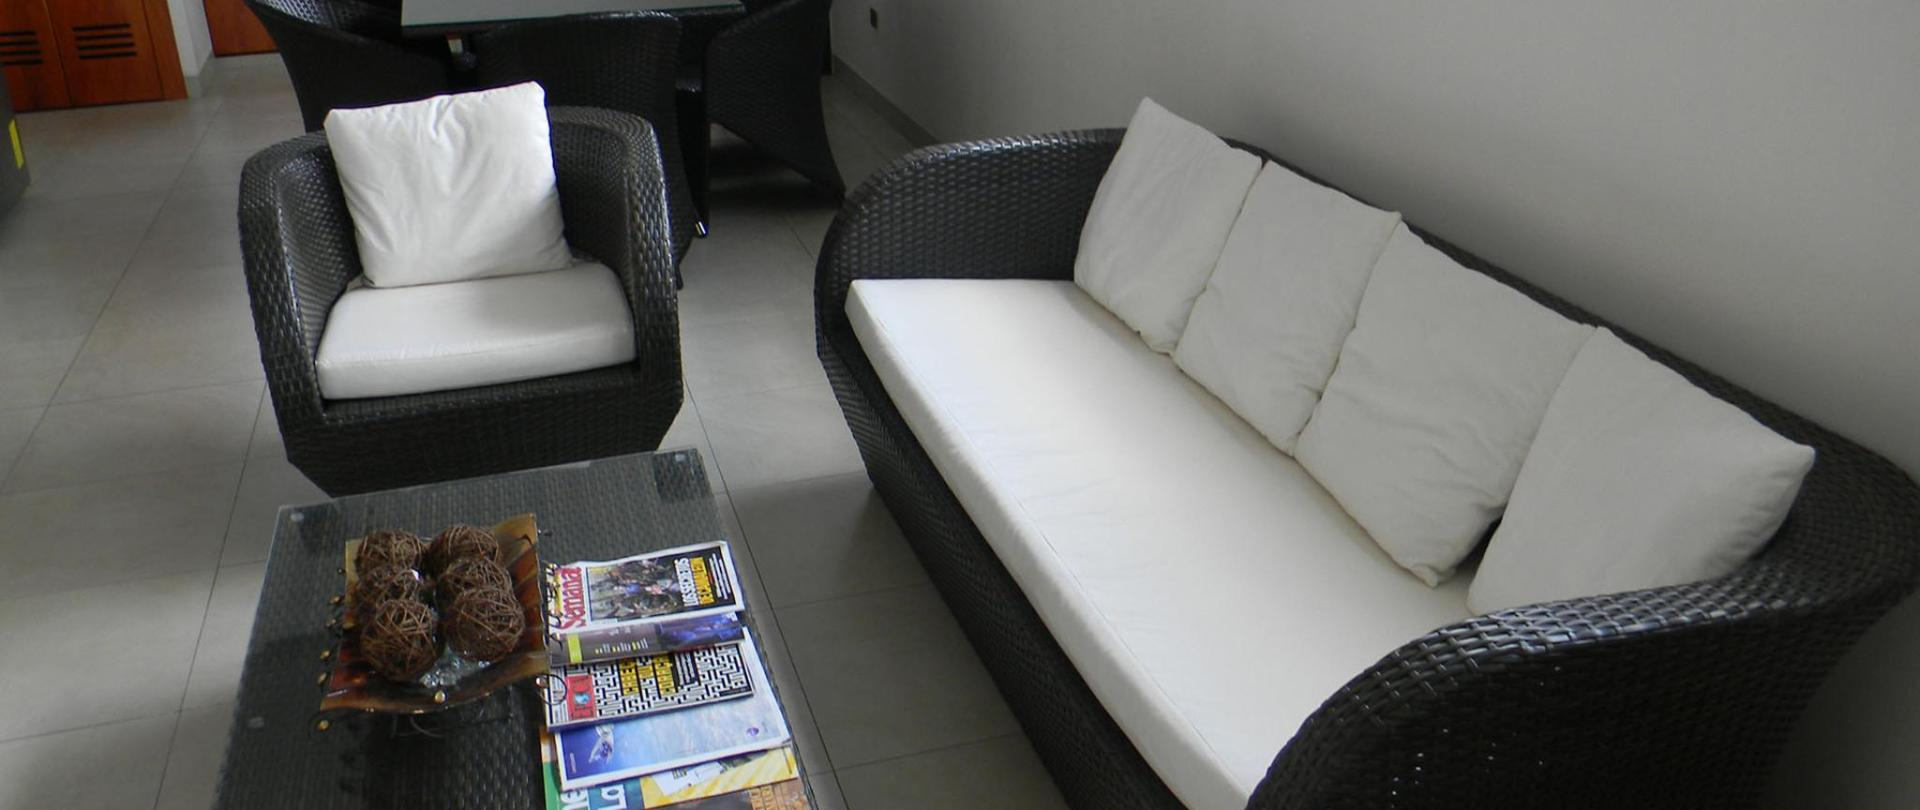 apart-suites-52.jpg